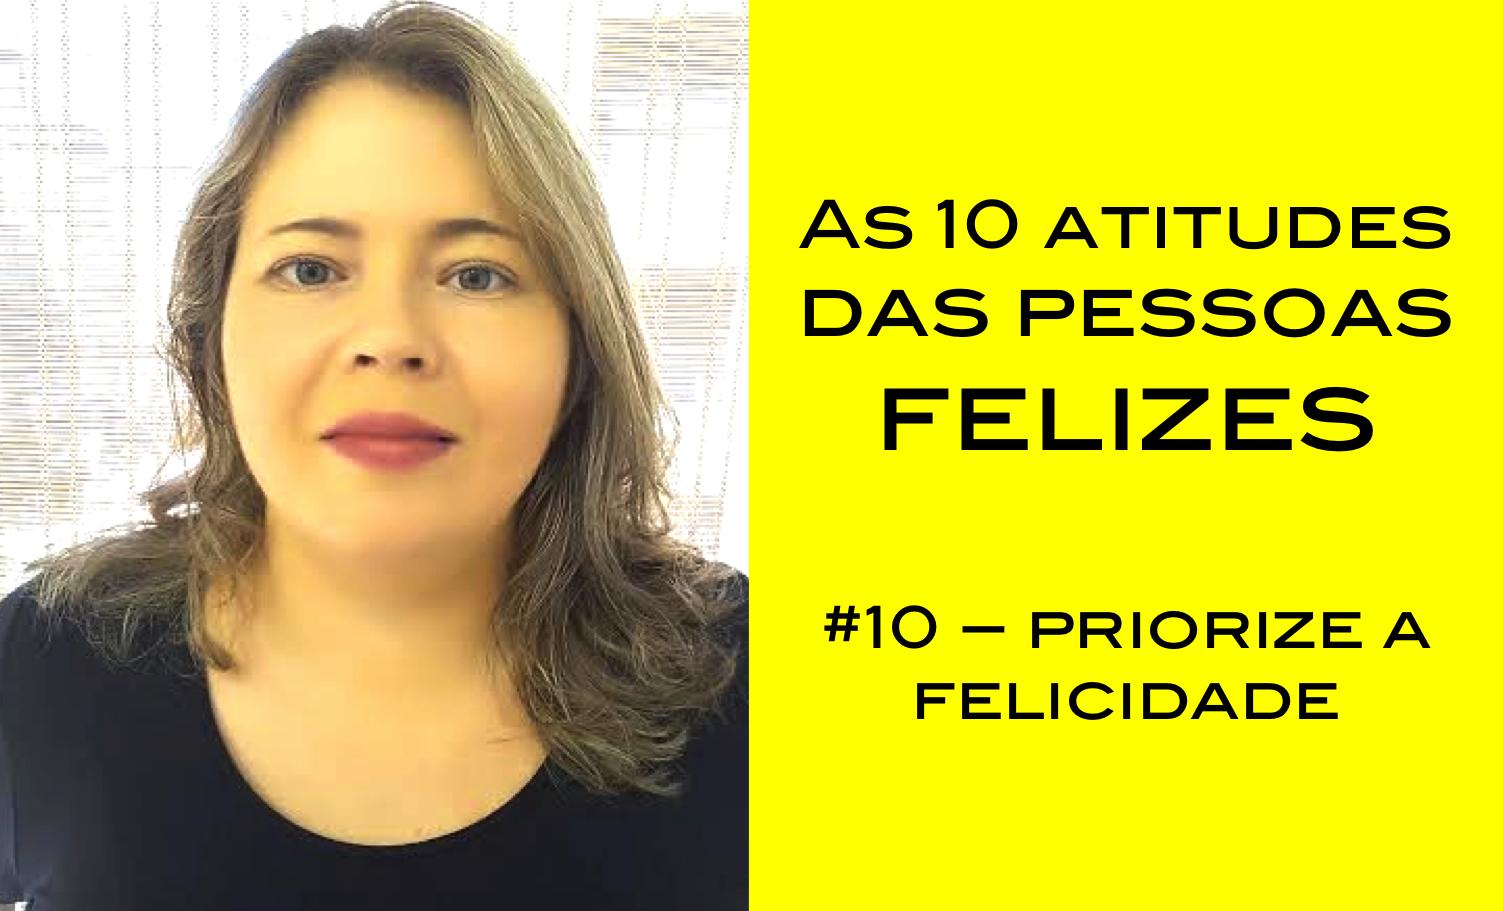 Vídeo – As 10 atitudes das pessoas felizes – #10 priorize a sua felicidade